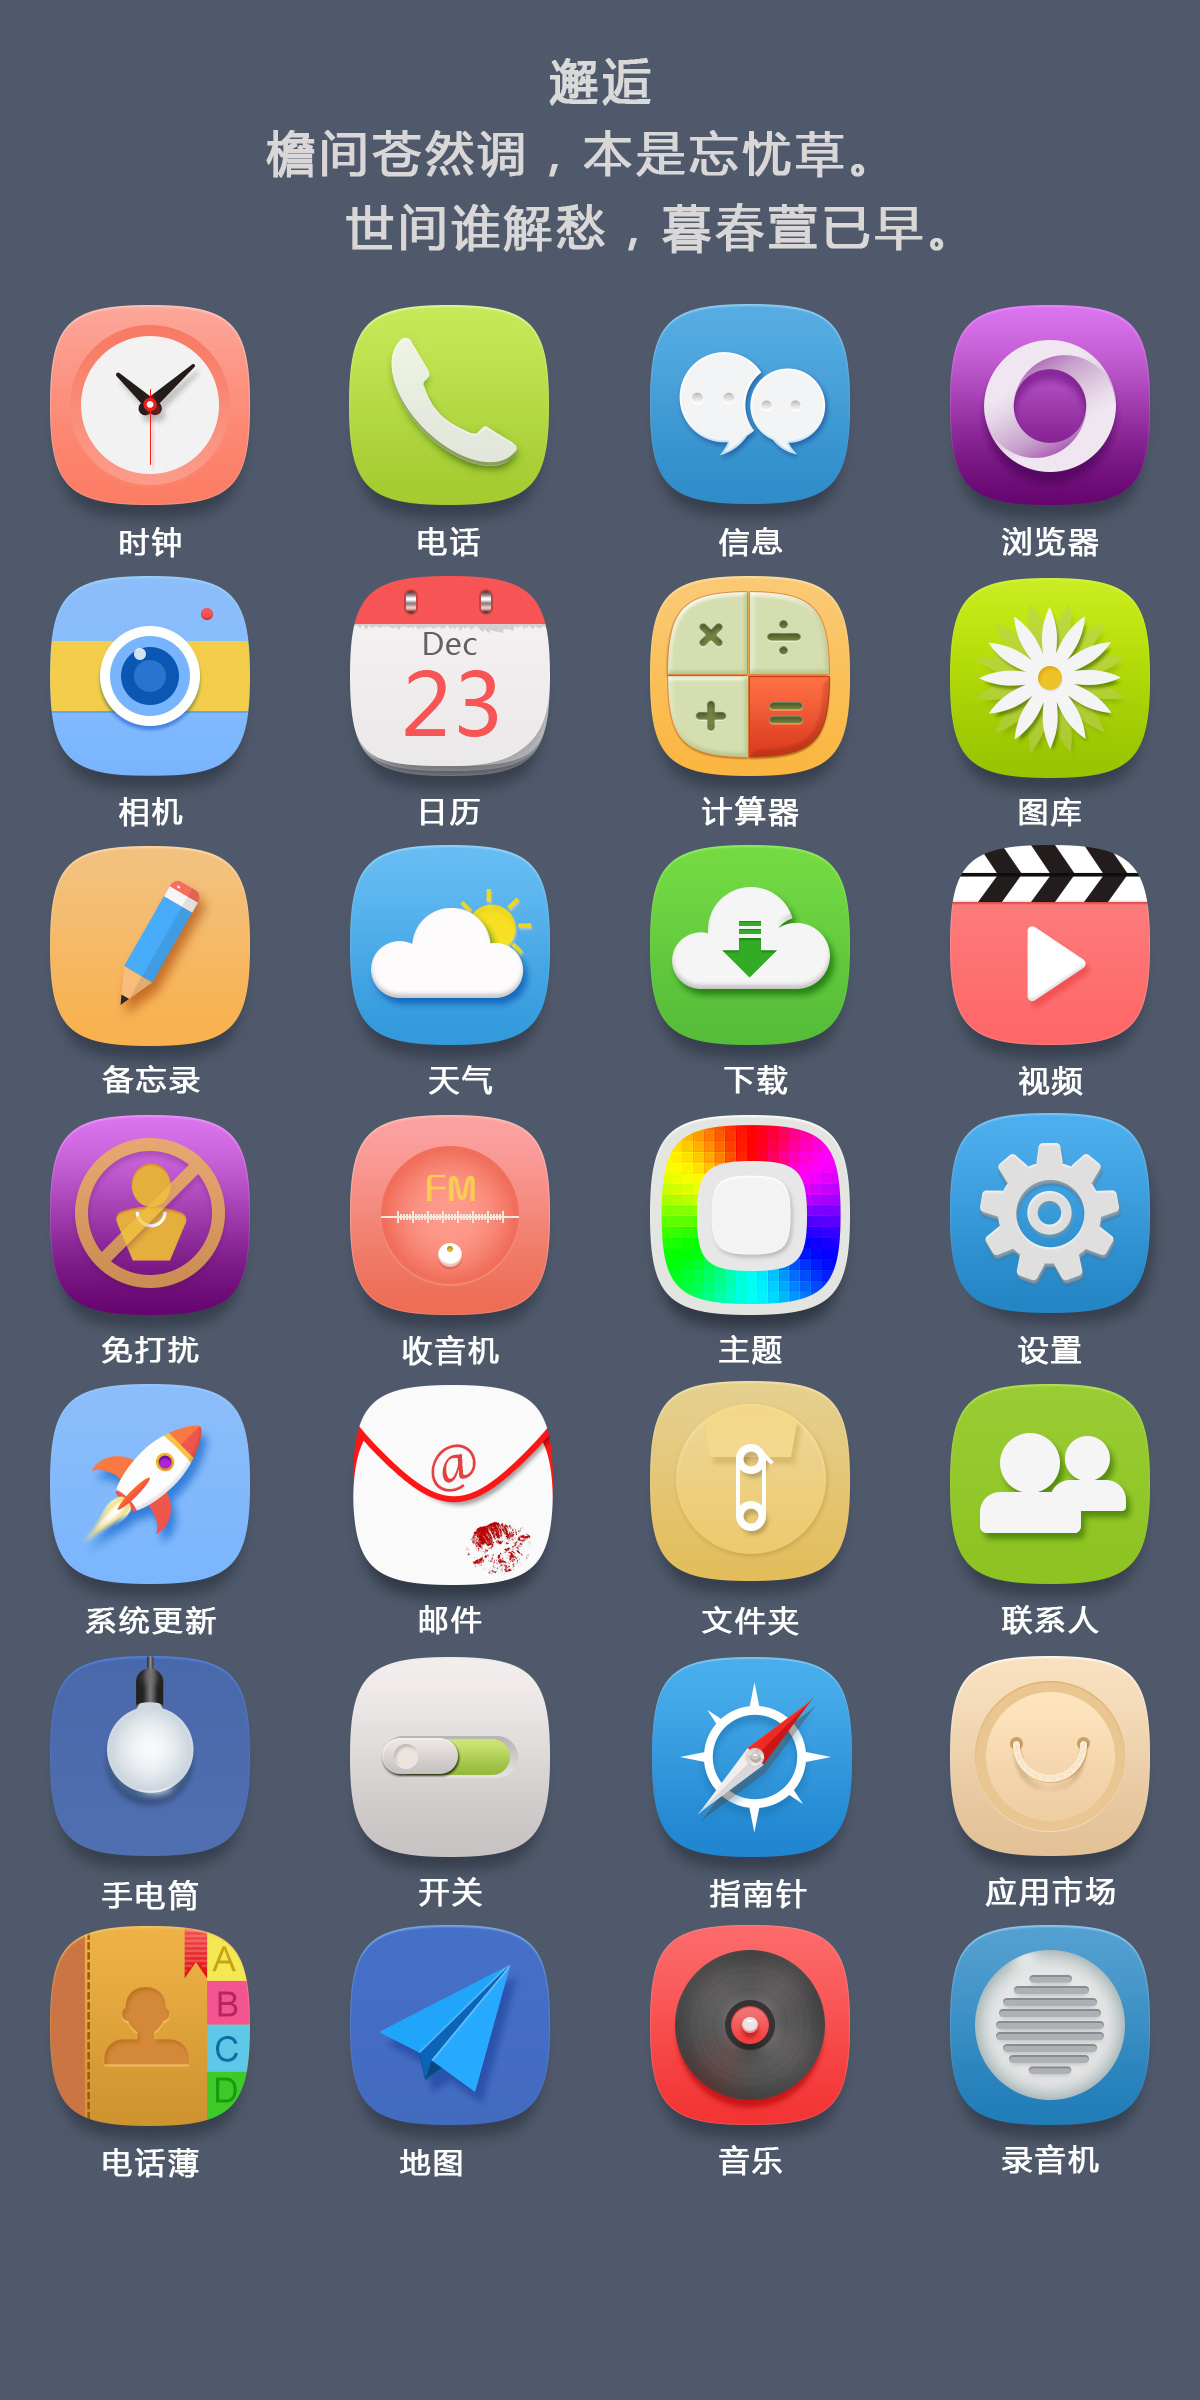 手机图标|ui|主题/皮肤|zjj920615 - 原创作品 - 站酷